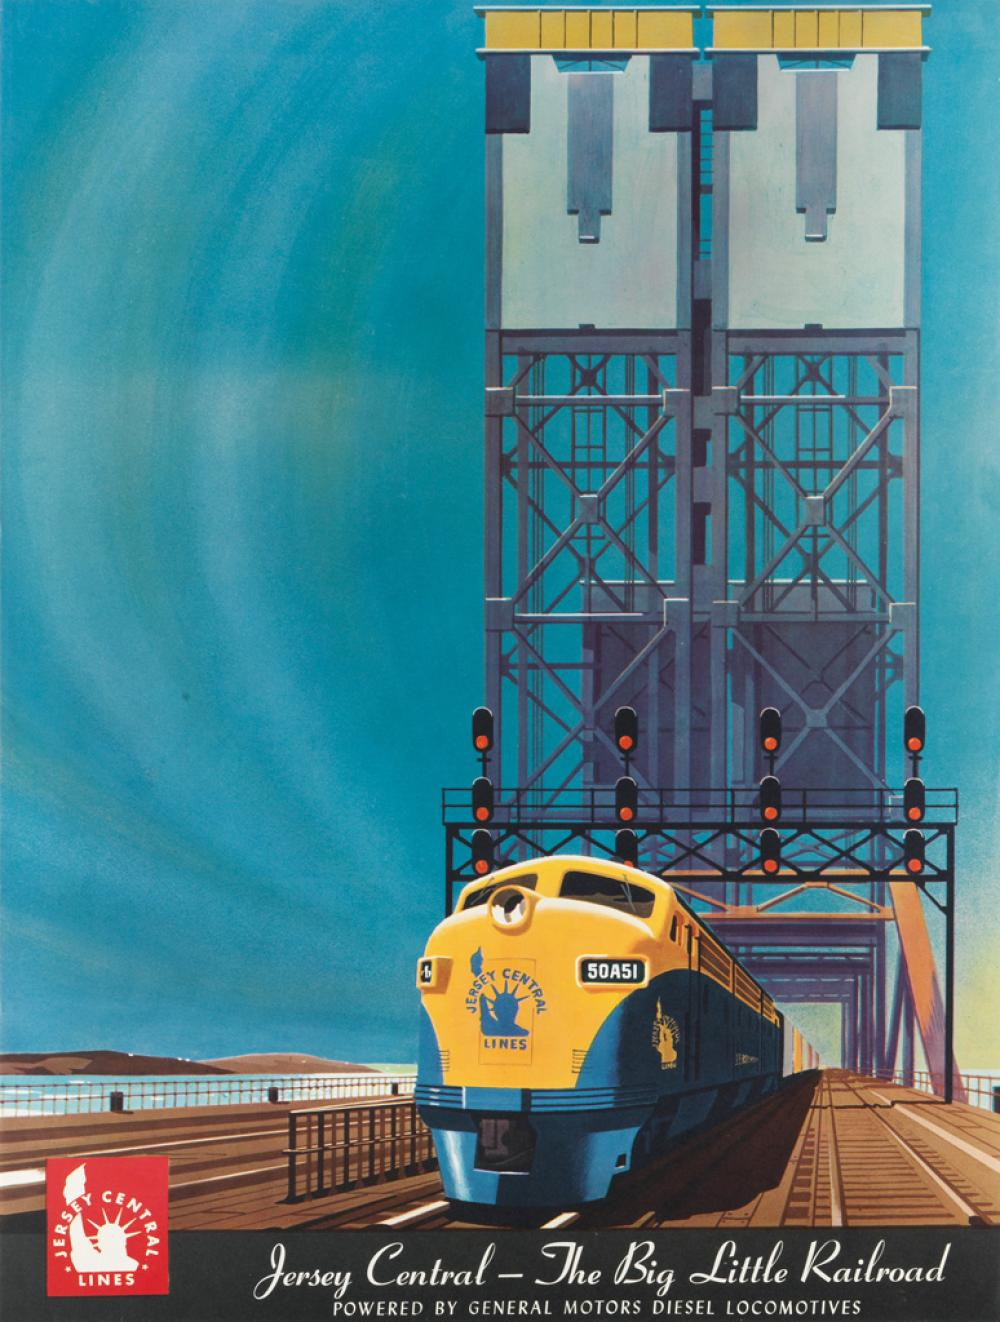 BERN HILL (1911-1977). JERSEY CENTRAL - THE BIG LITTLE RAILROAD. Circa 1950s. 24x18 inches, 61x45 cm.